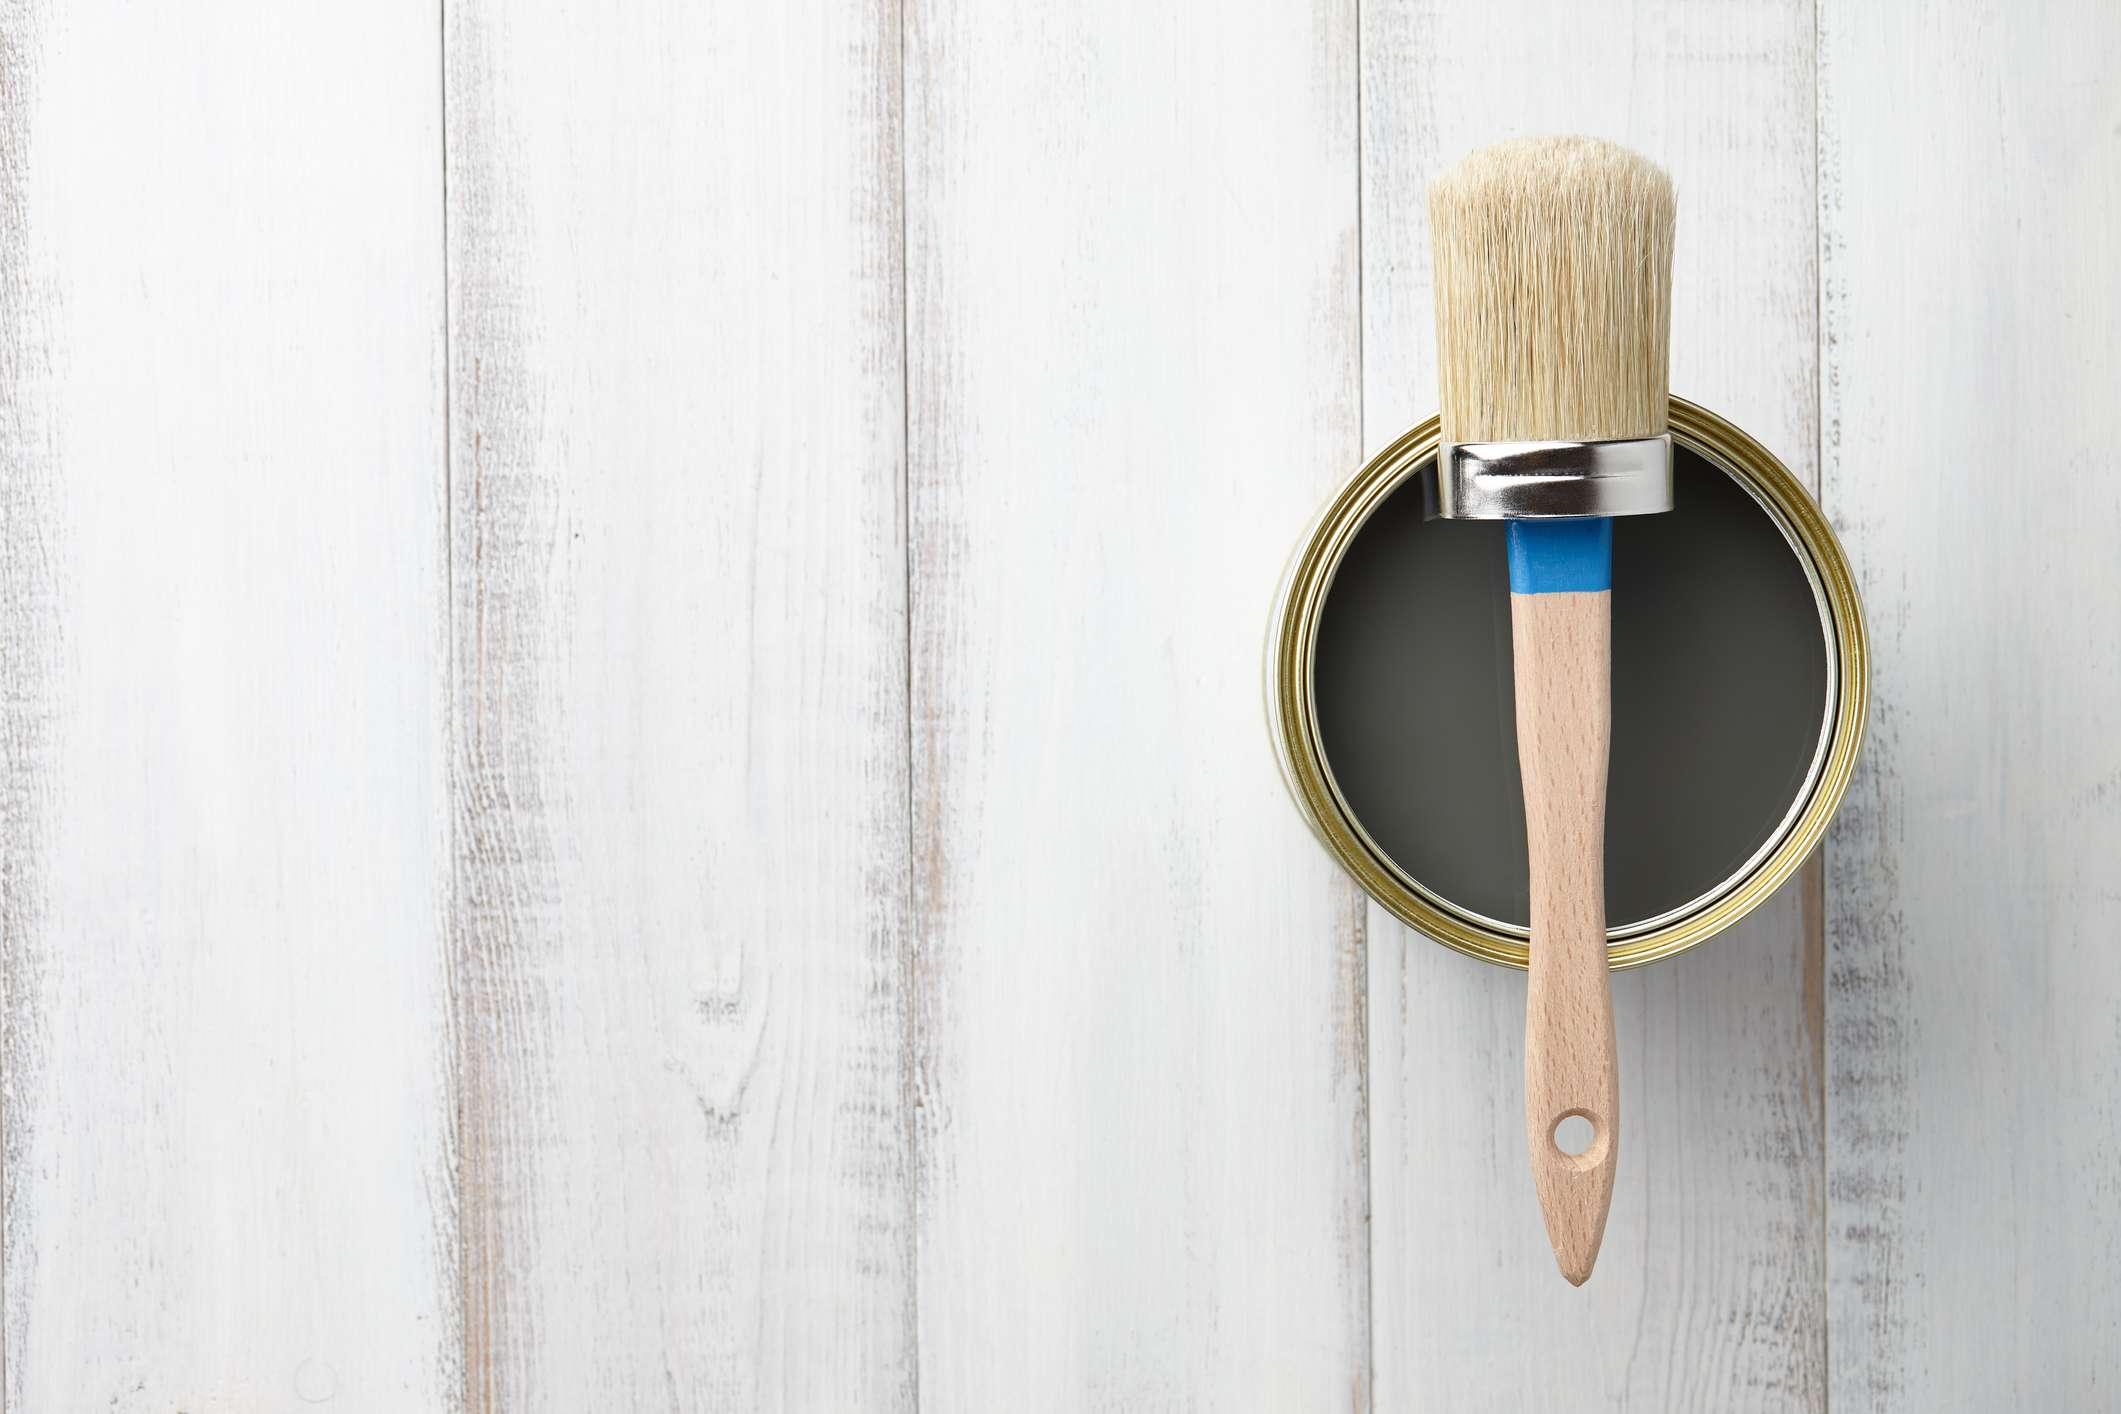 Pintura y brocha